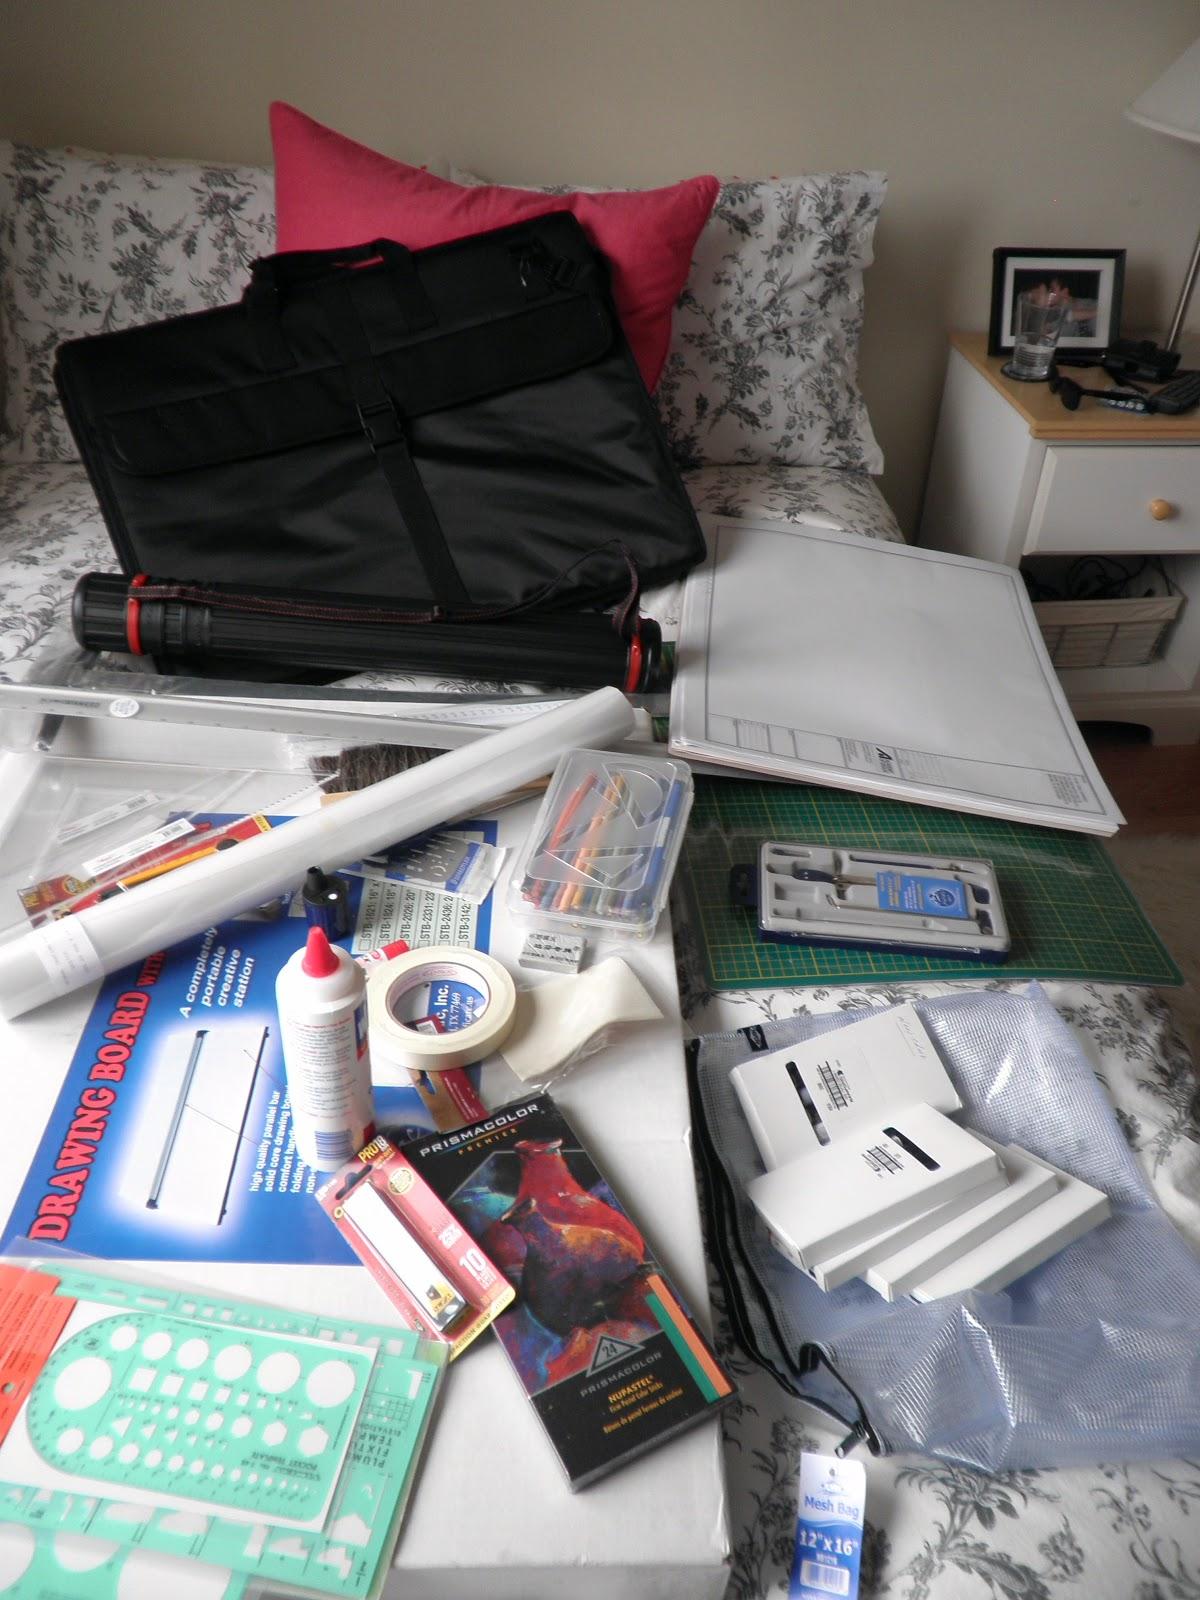 Interior design school supplies - Materials needed for interior design ...